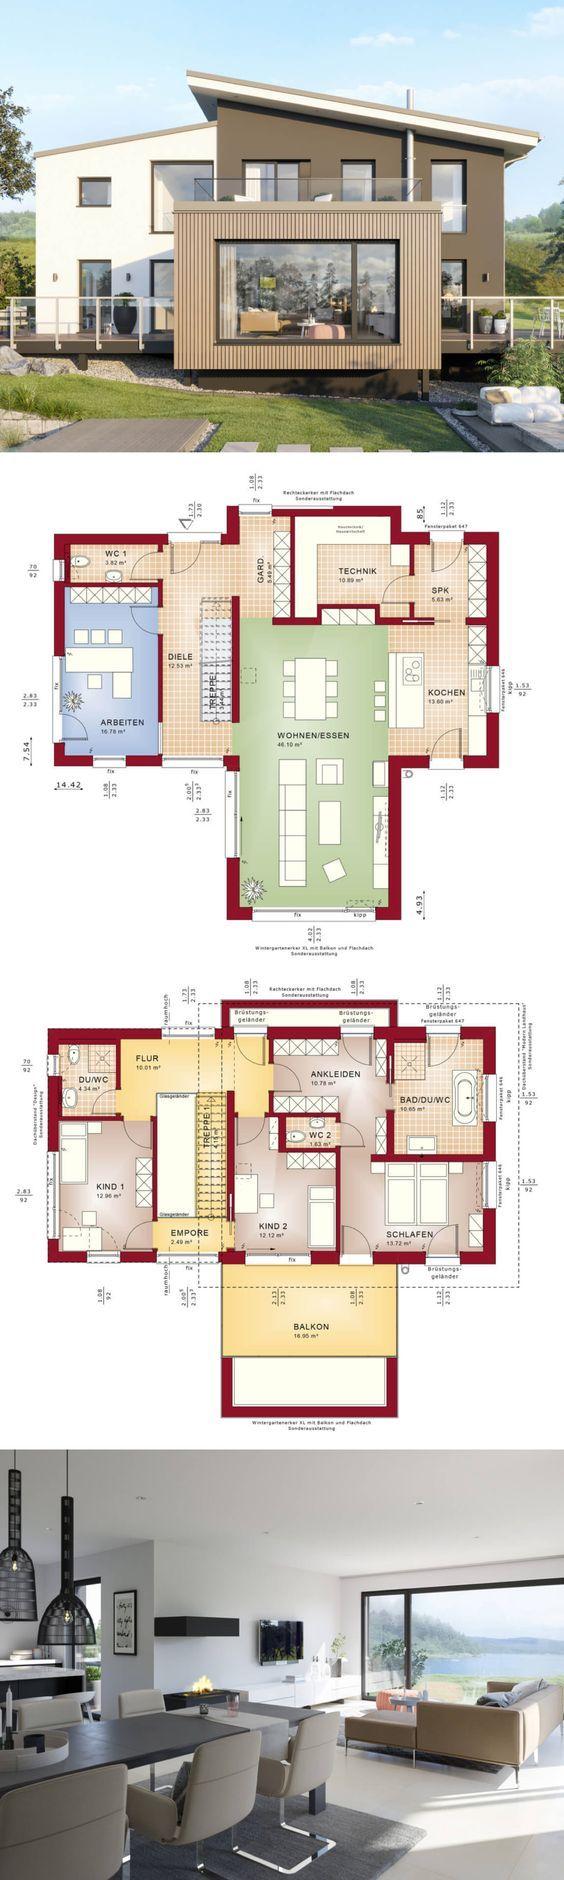 Modernes Einfamilienhaus mit Pultdach Architektur, Galerie & Büro Anbau – Haus bauen Grundriss Fertighaus Concept-M 170 Villingen Schwenningen von Bien Zenker Hausbau Ideen – HausbauDirekt.de